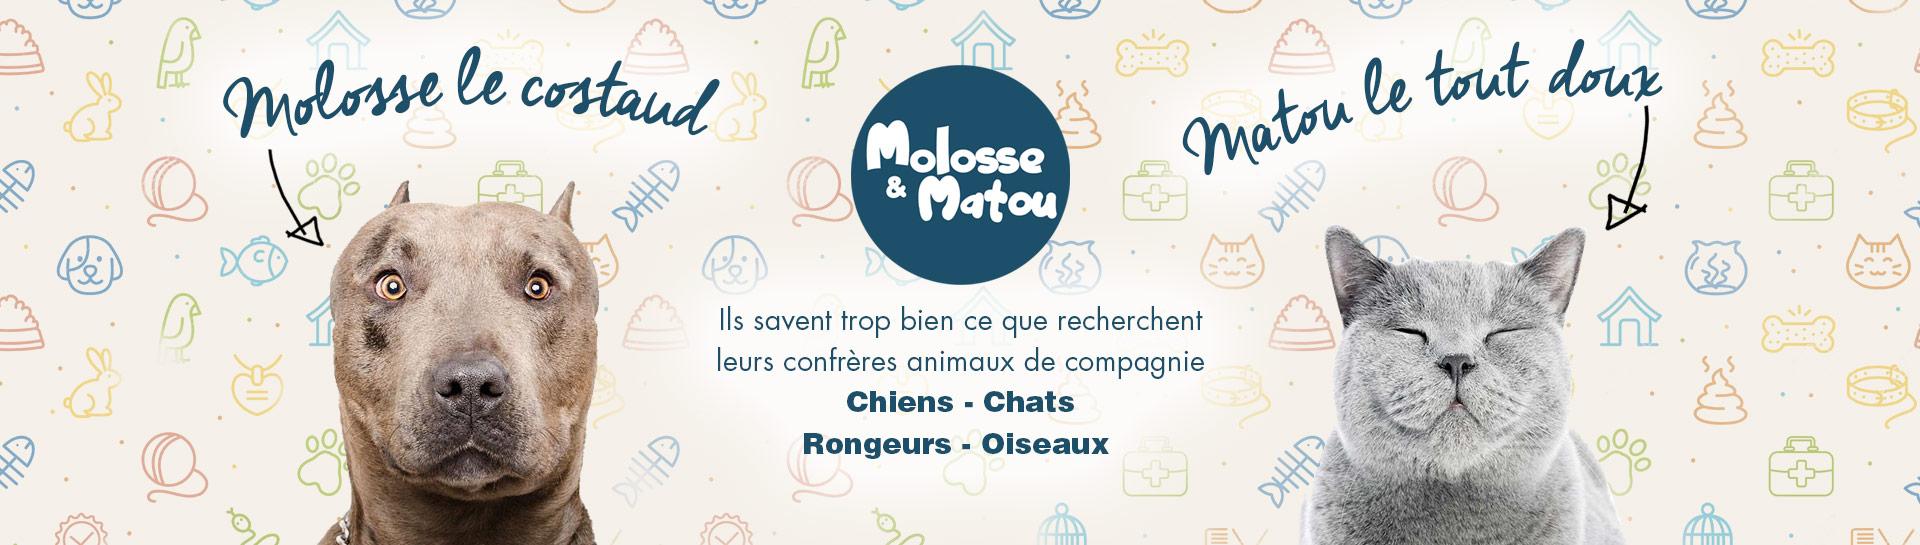 Molosse et Matou - Animalerie en ligne